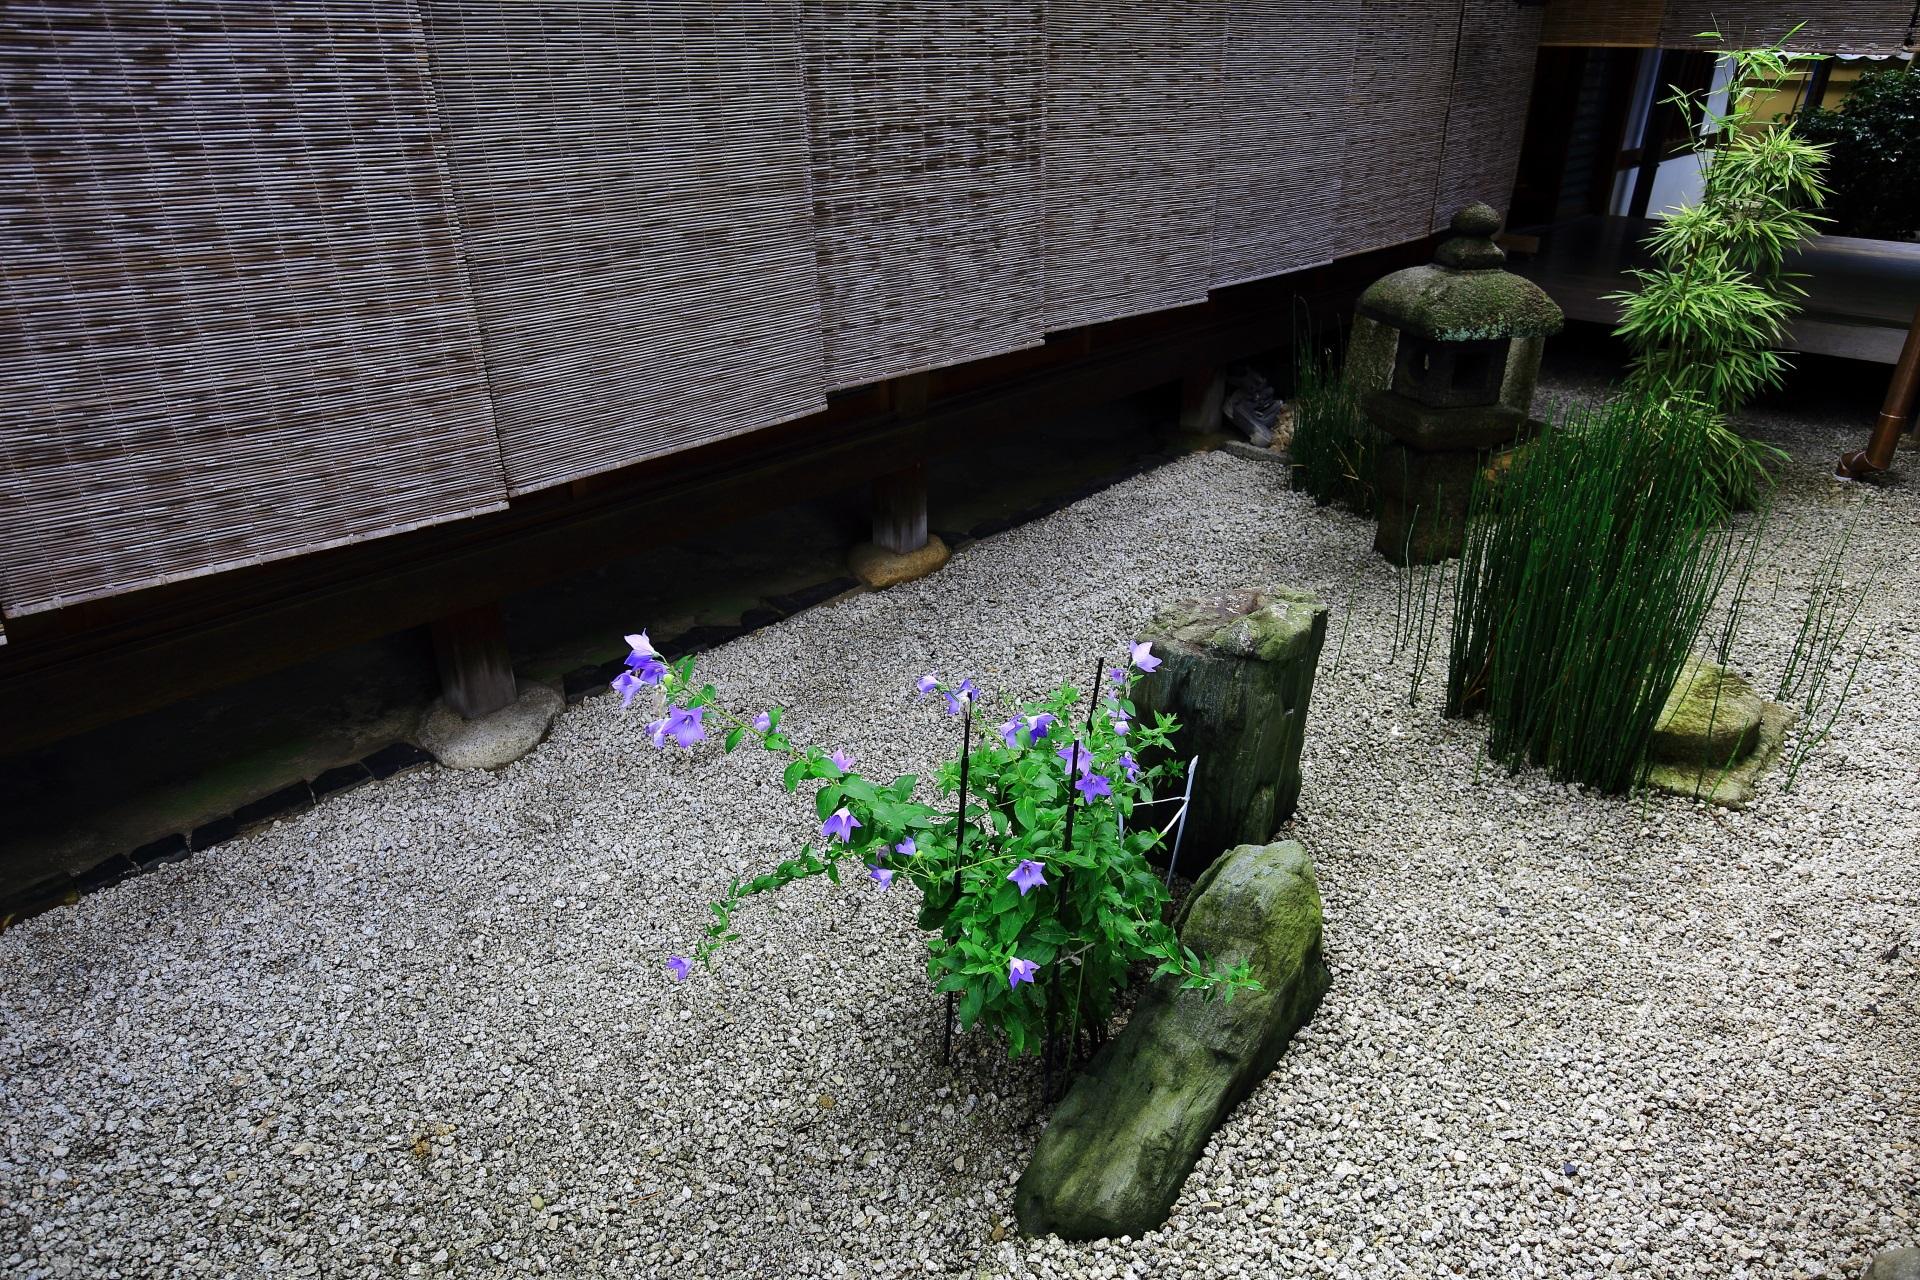 桔梗の花咲く瑞峯院の東の坪庭